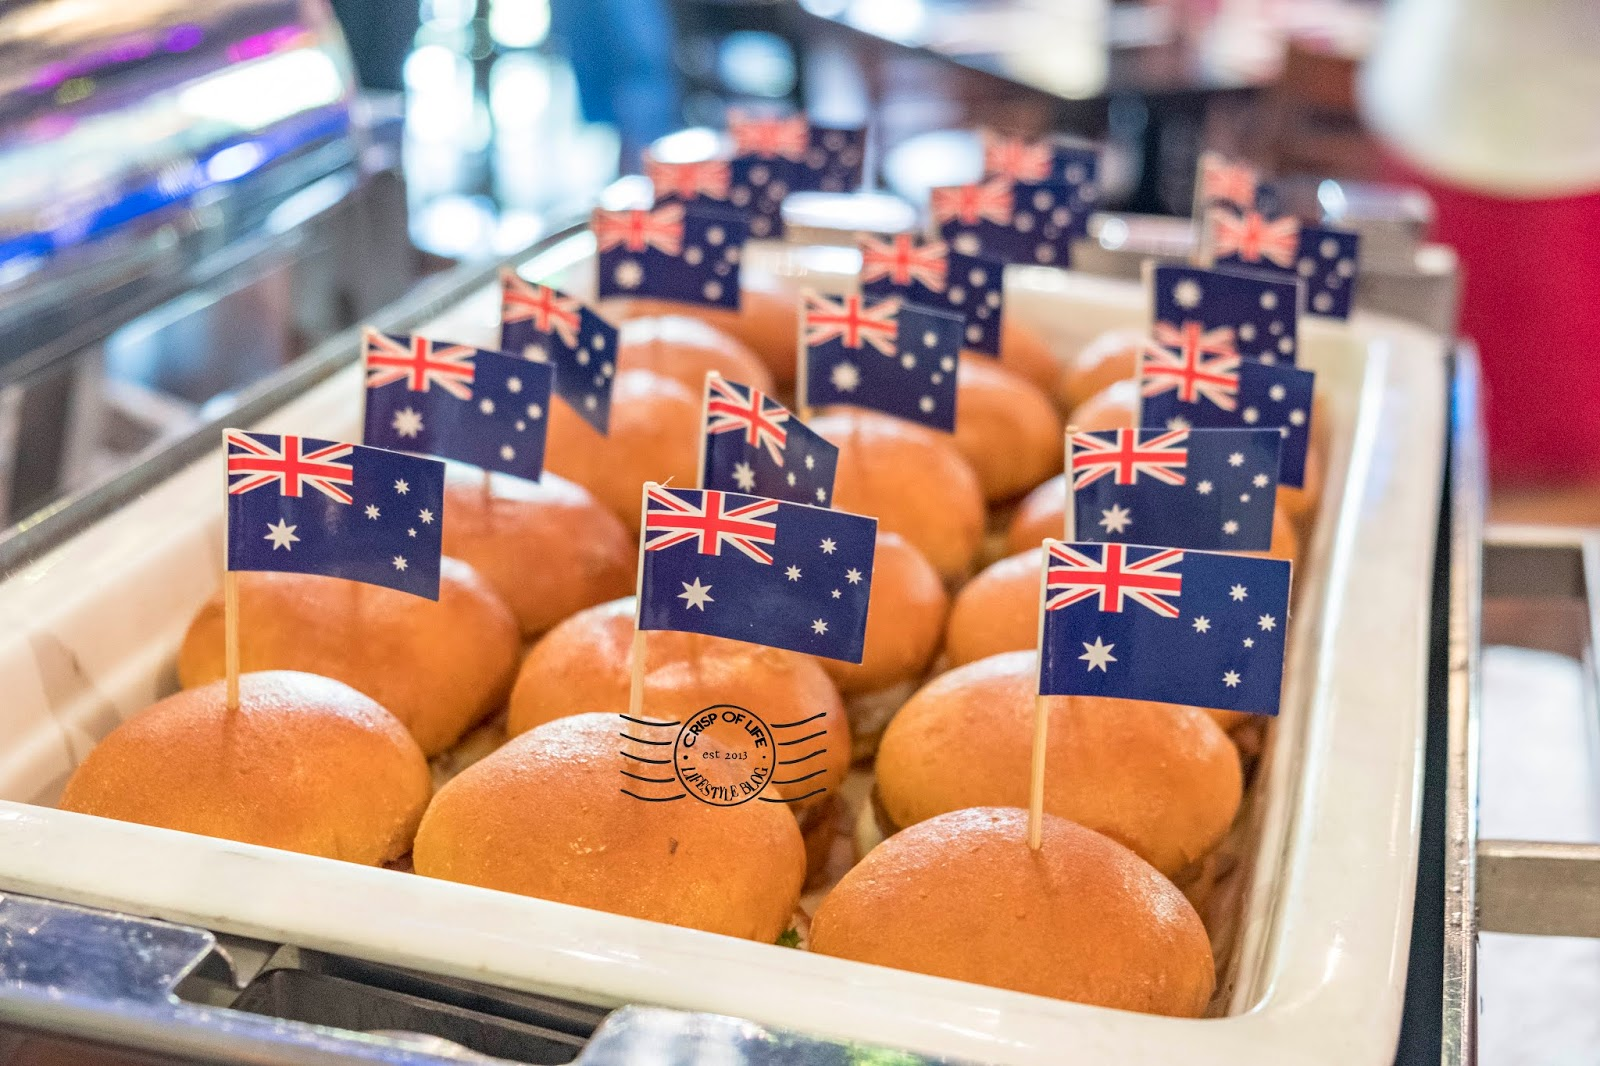 Australia Day at Hard Rock Hotel, Penang